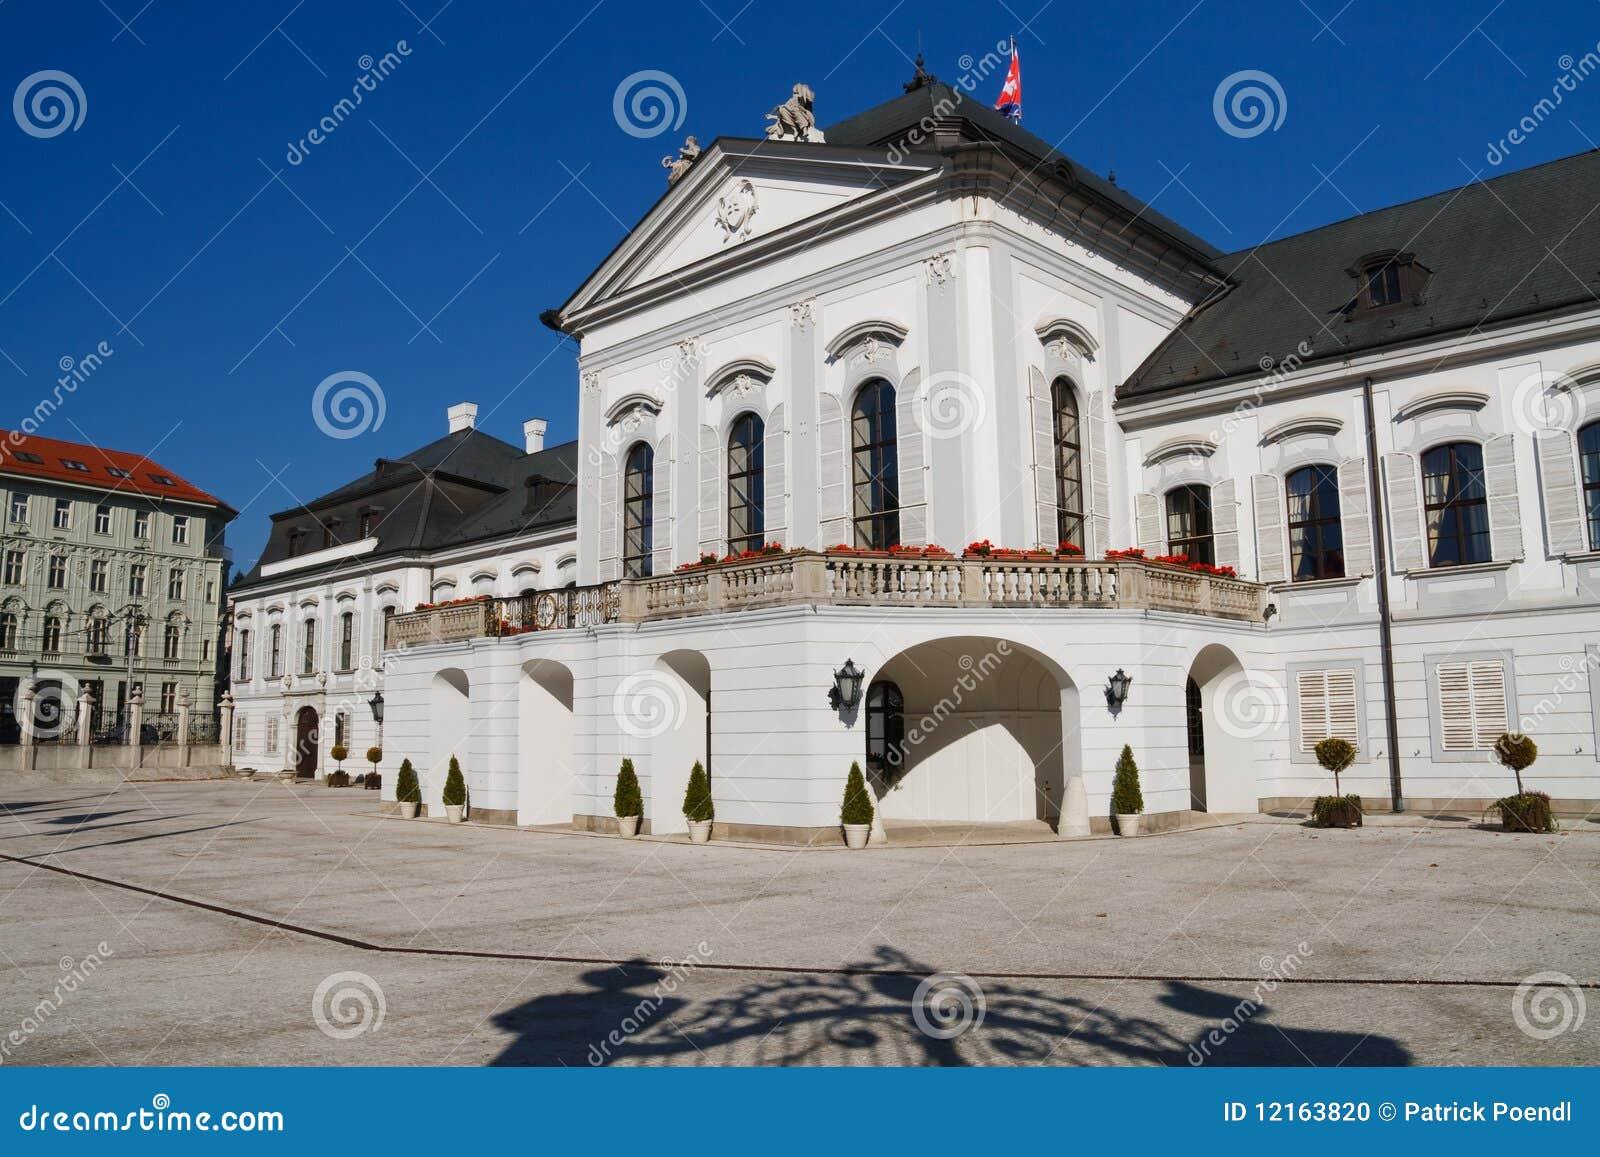 Presidential grassalkovich palace bratislava stock photo for Design hotel 21 bratislava kontakt